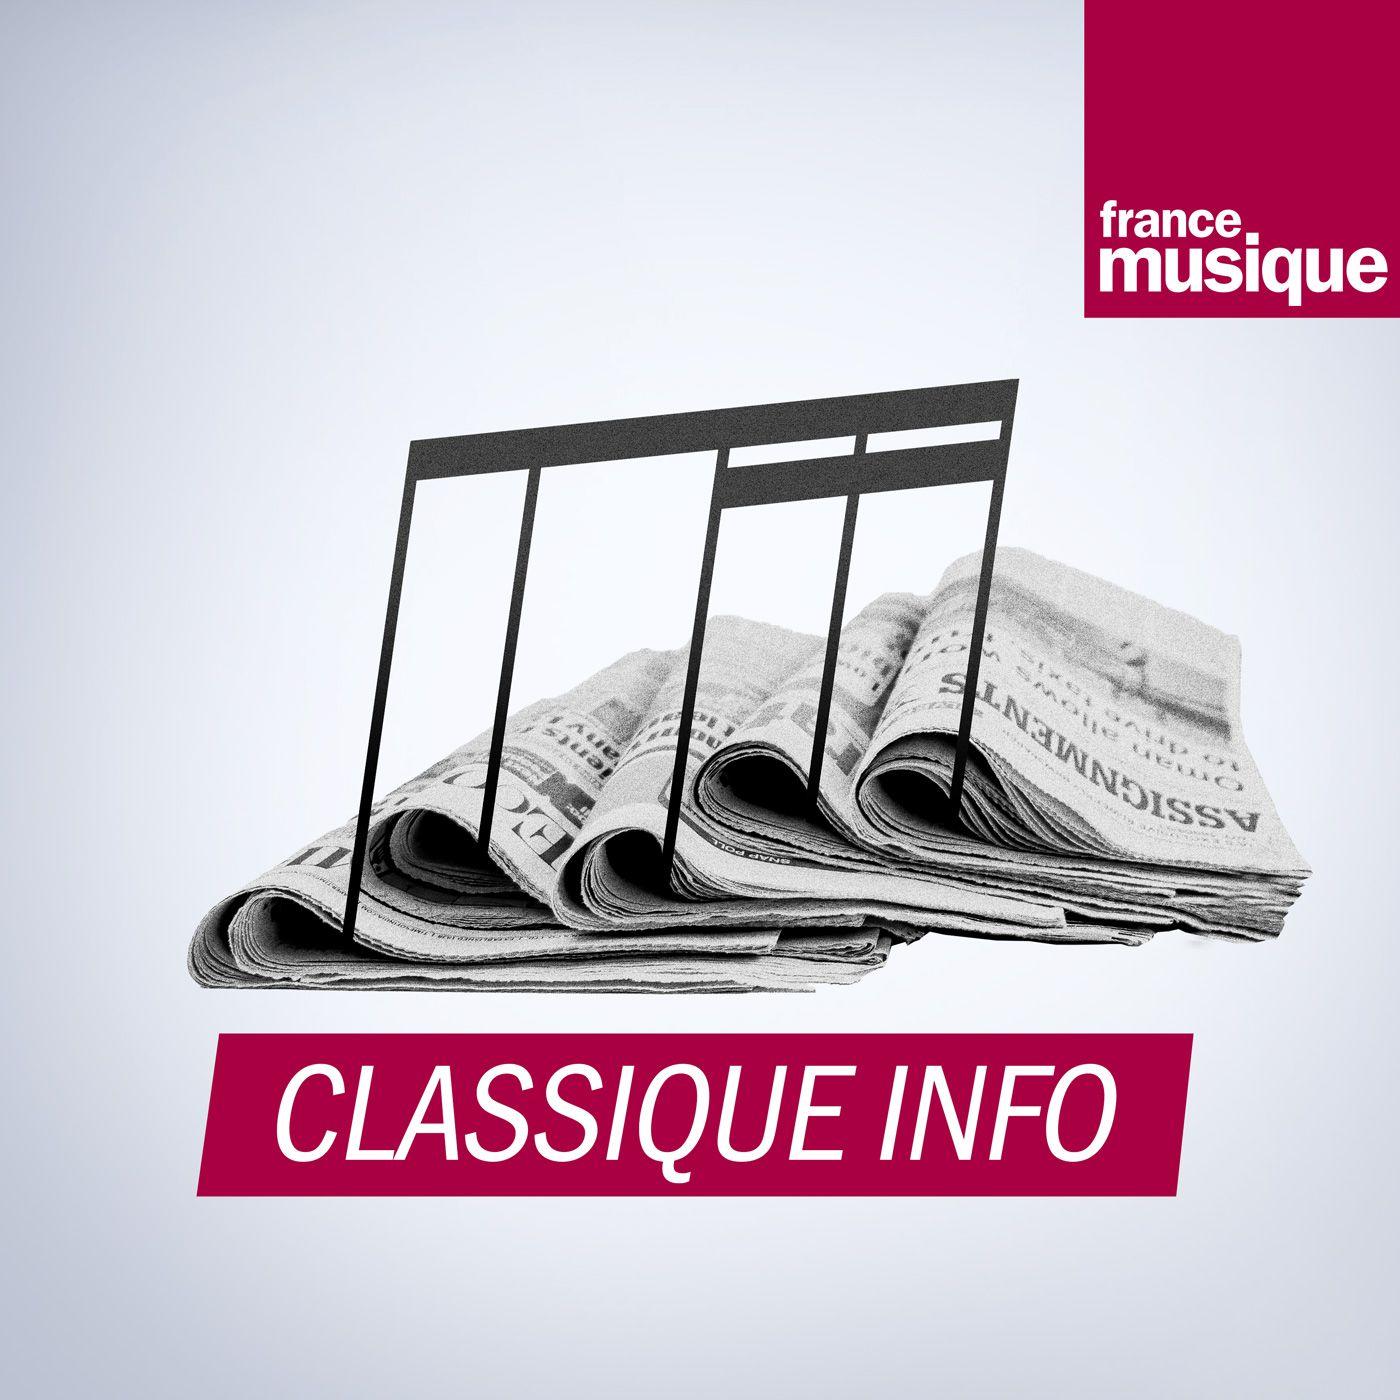 Image 1: Classique info